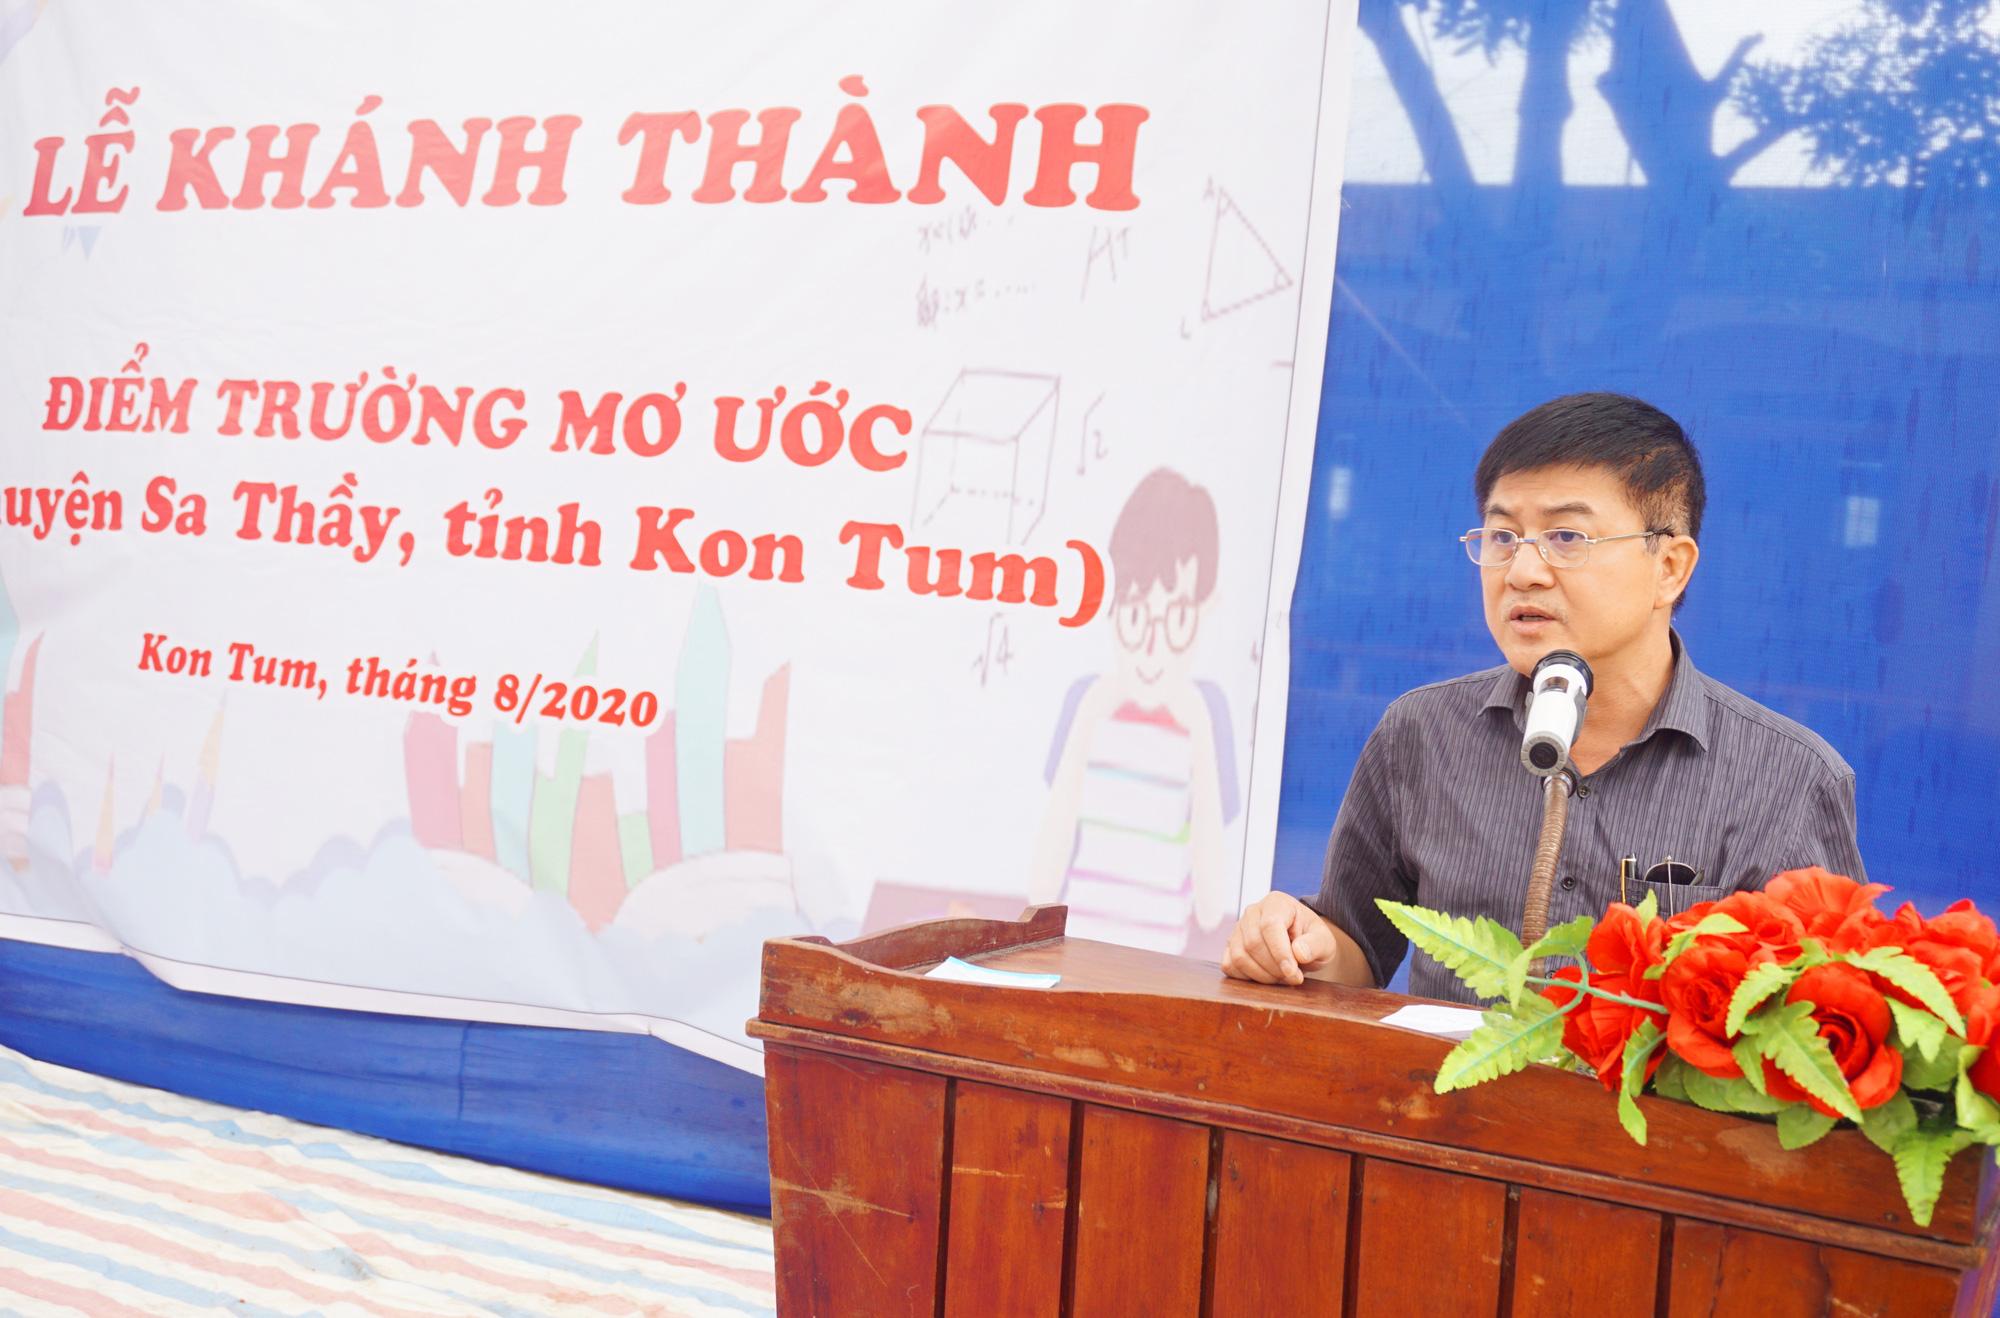 """Báo NTNN/Dân Việt - Quỹ Thiện Tâm khánh thành """"Điểm trường mơ ước"""" tại Kon Tum - Ảnh 2."""